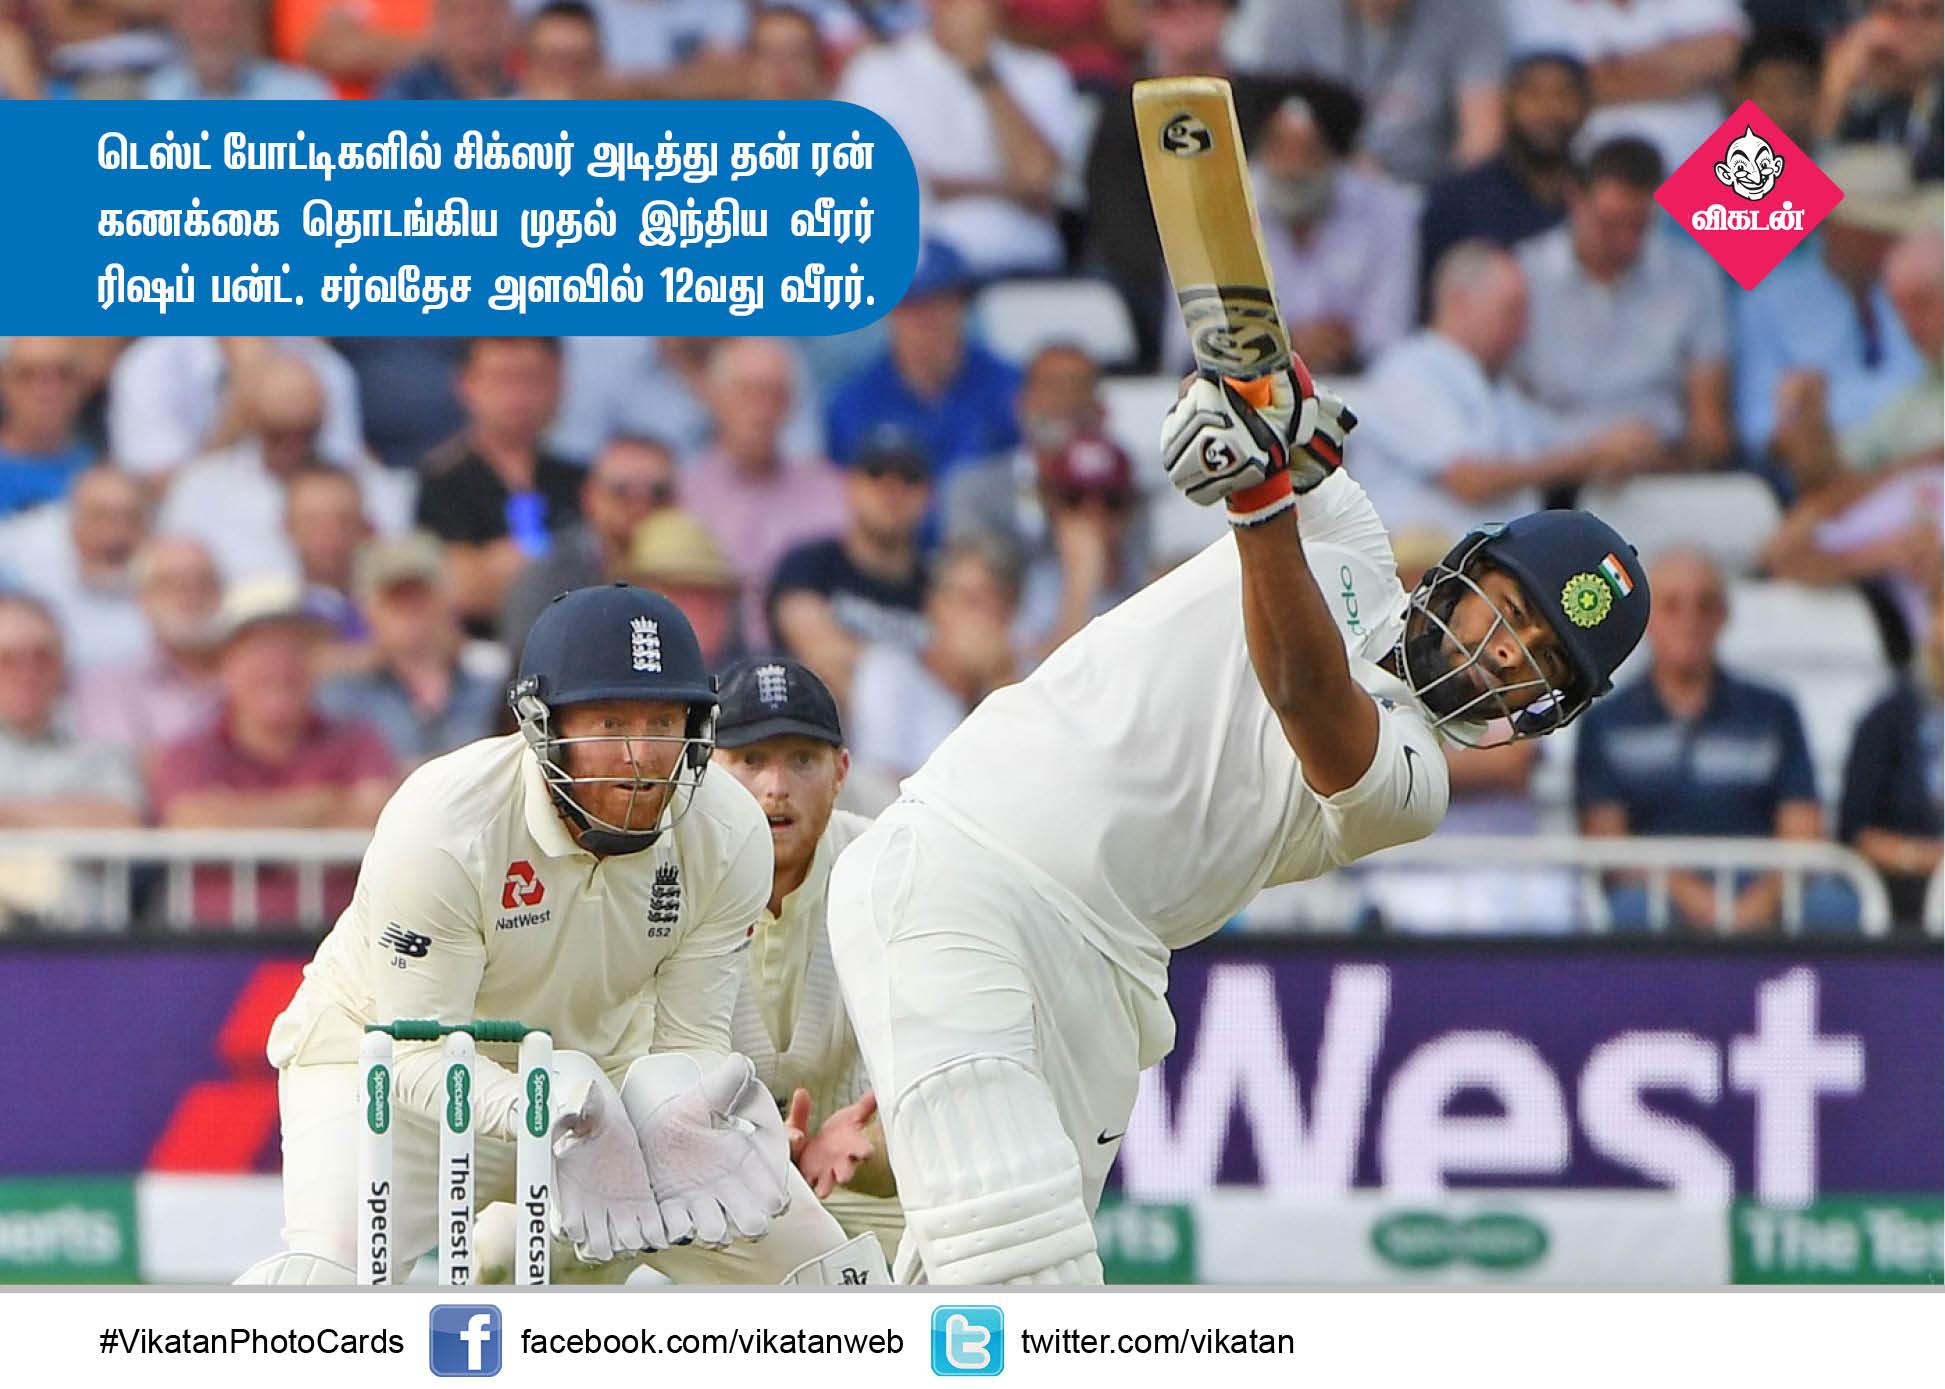 29 பந்தில் பாண்டியா 5 விக்கெட்... சச்சின் - கோலி சத ஒற்றுமை... நாட்டிங்ஹாம் டெஸ்ட் ஃபேக்ட்ஸ்! #VikatanPhotoCards